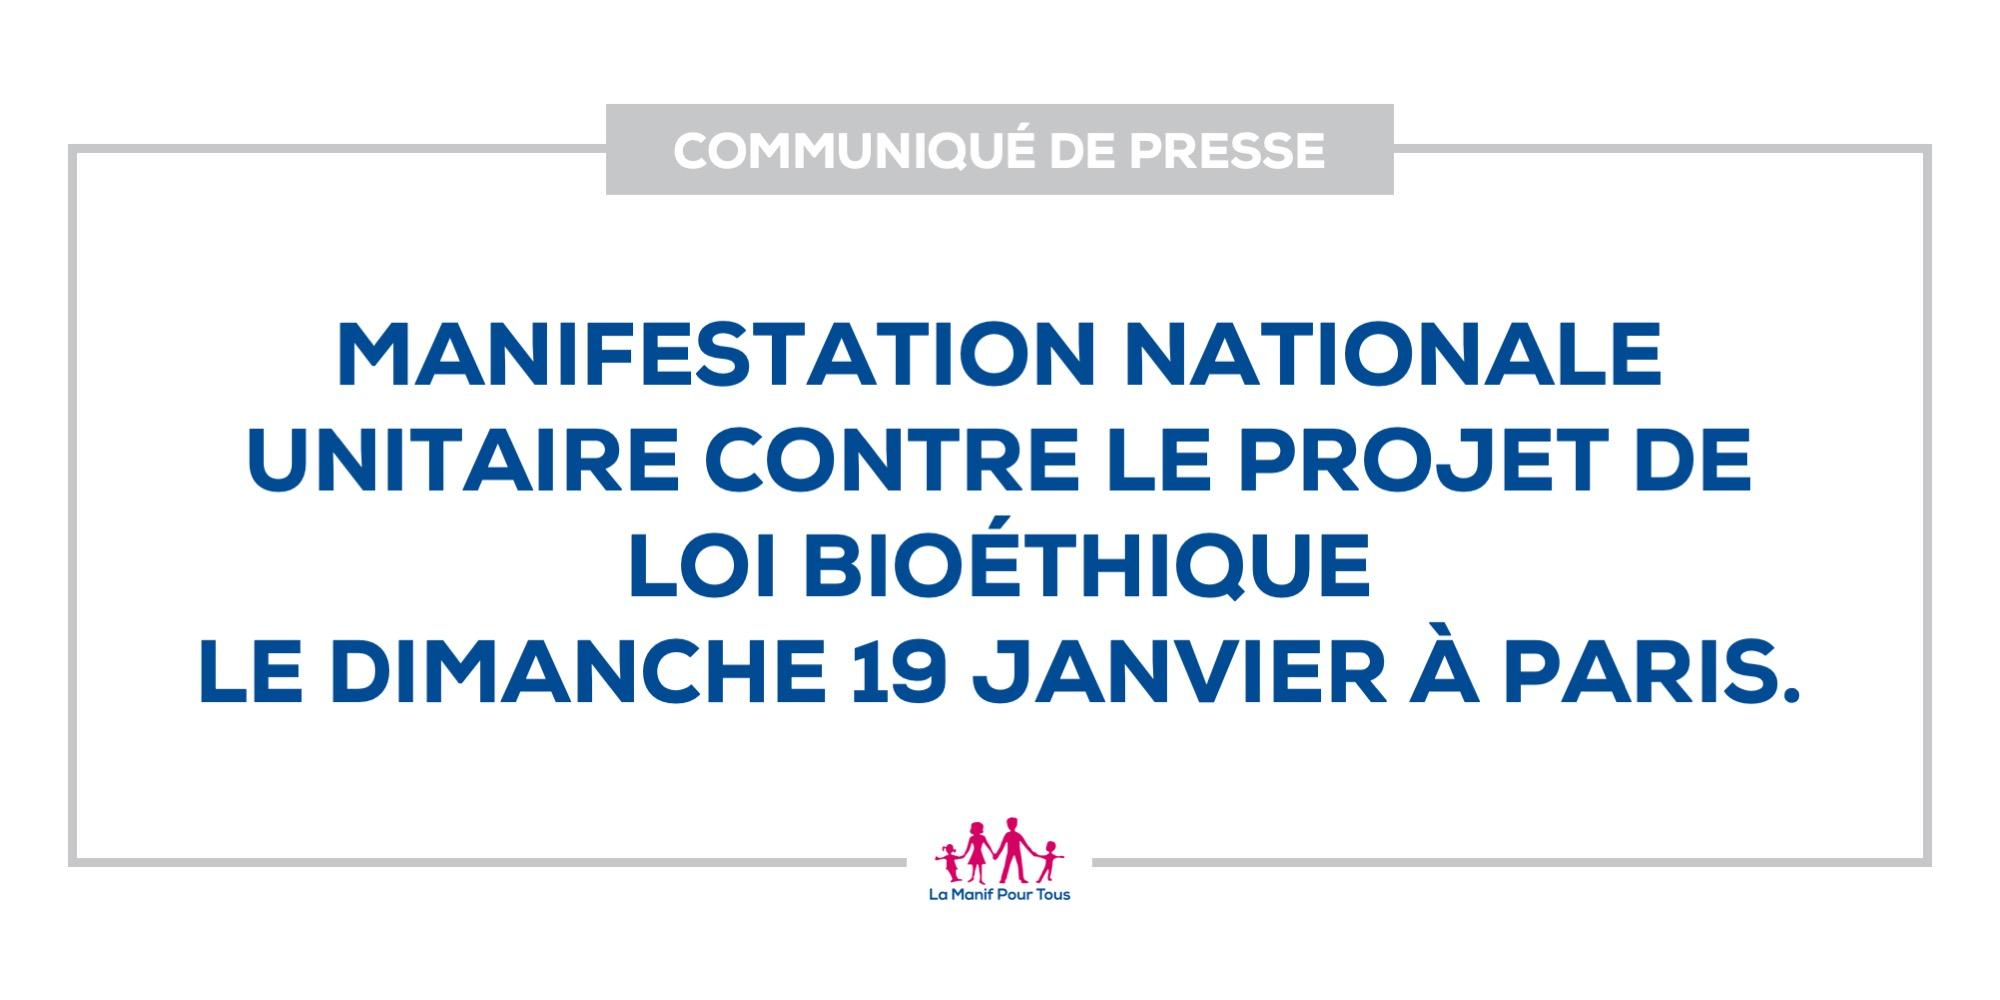 Image - Communiqué – Manifestation nationale unitaire contre le projet de loi bioéthique le dimanche 19 janvier à Paris.